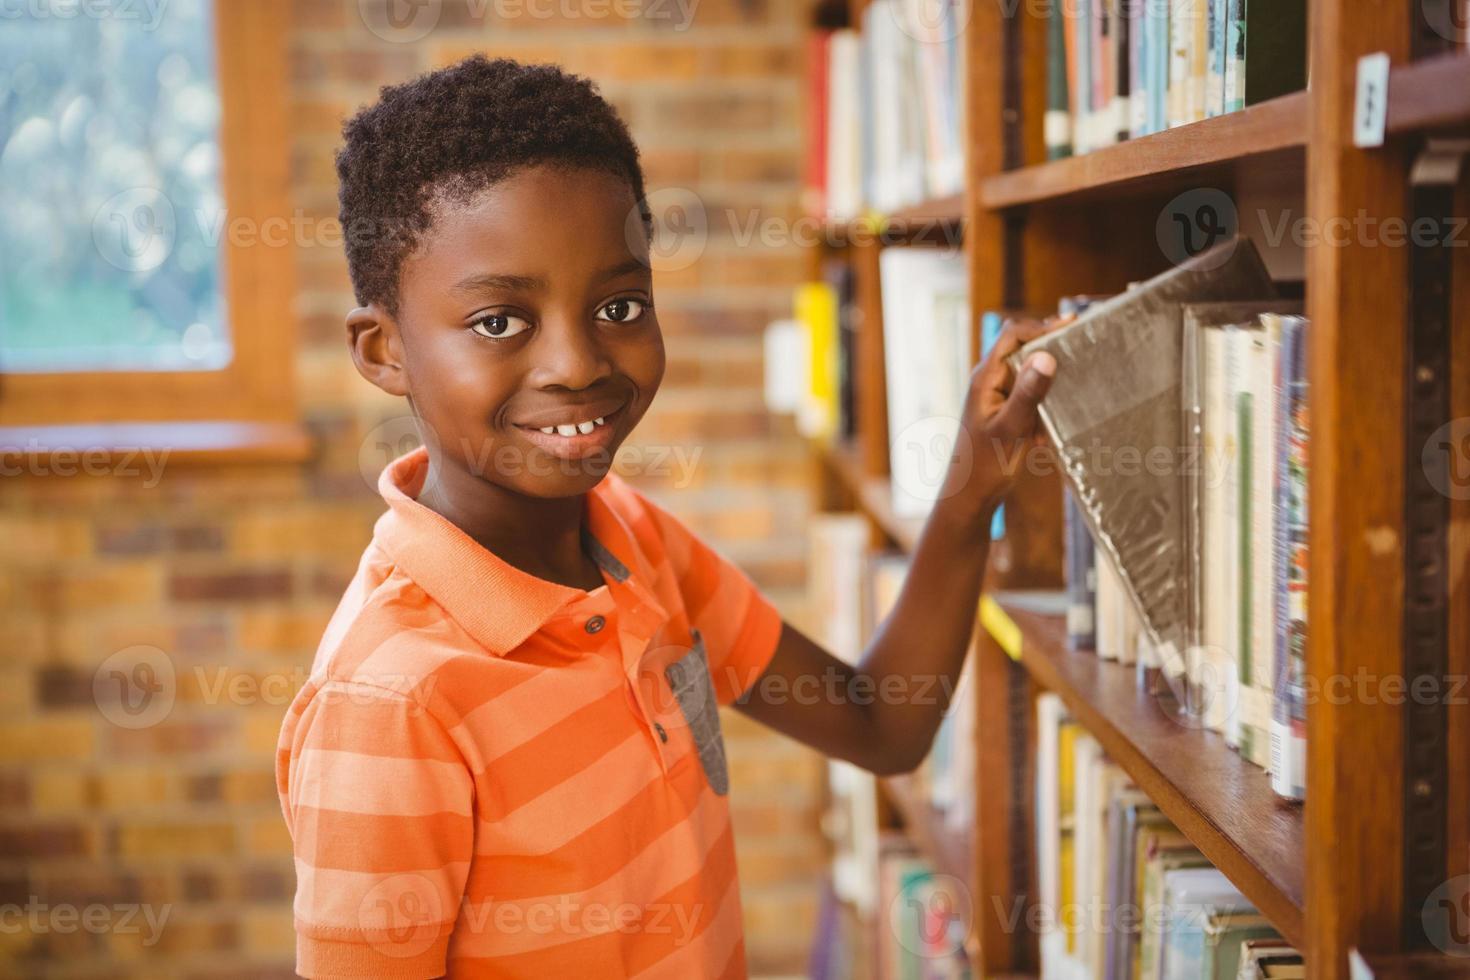 portret van jongen die boek in bibliotheek selecteert foto